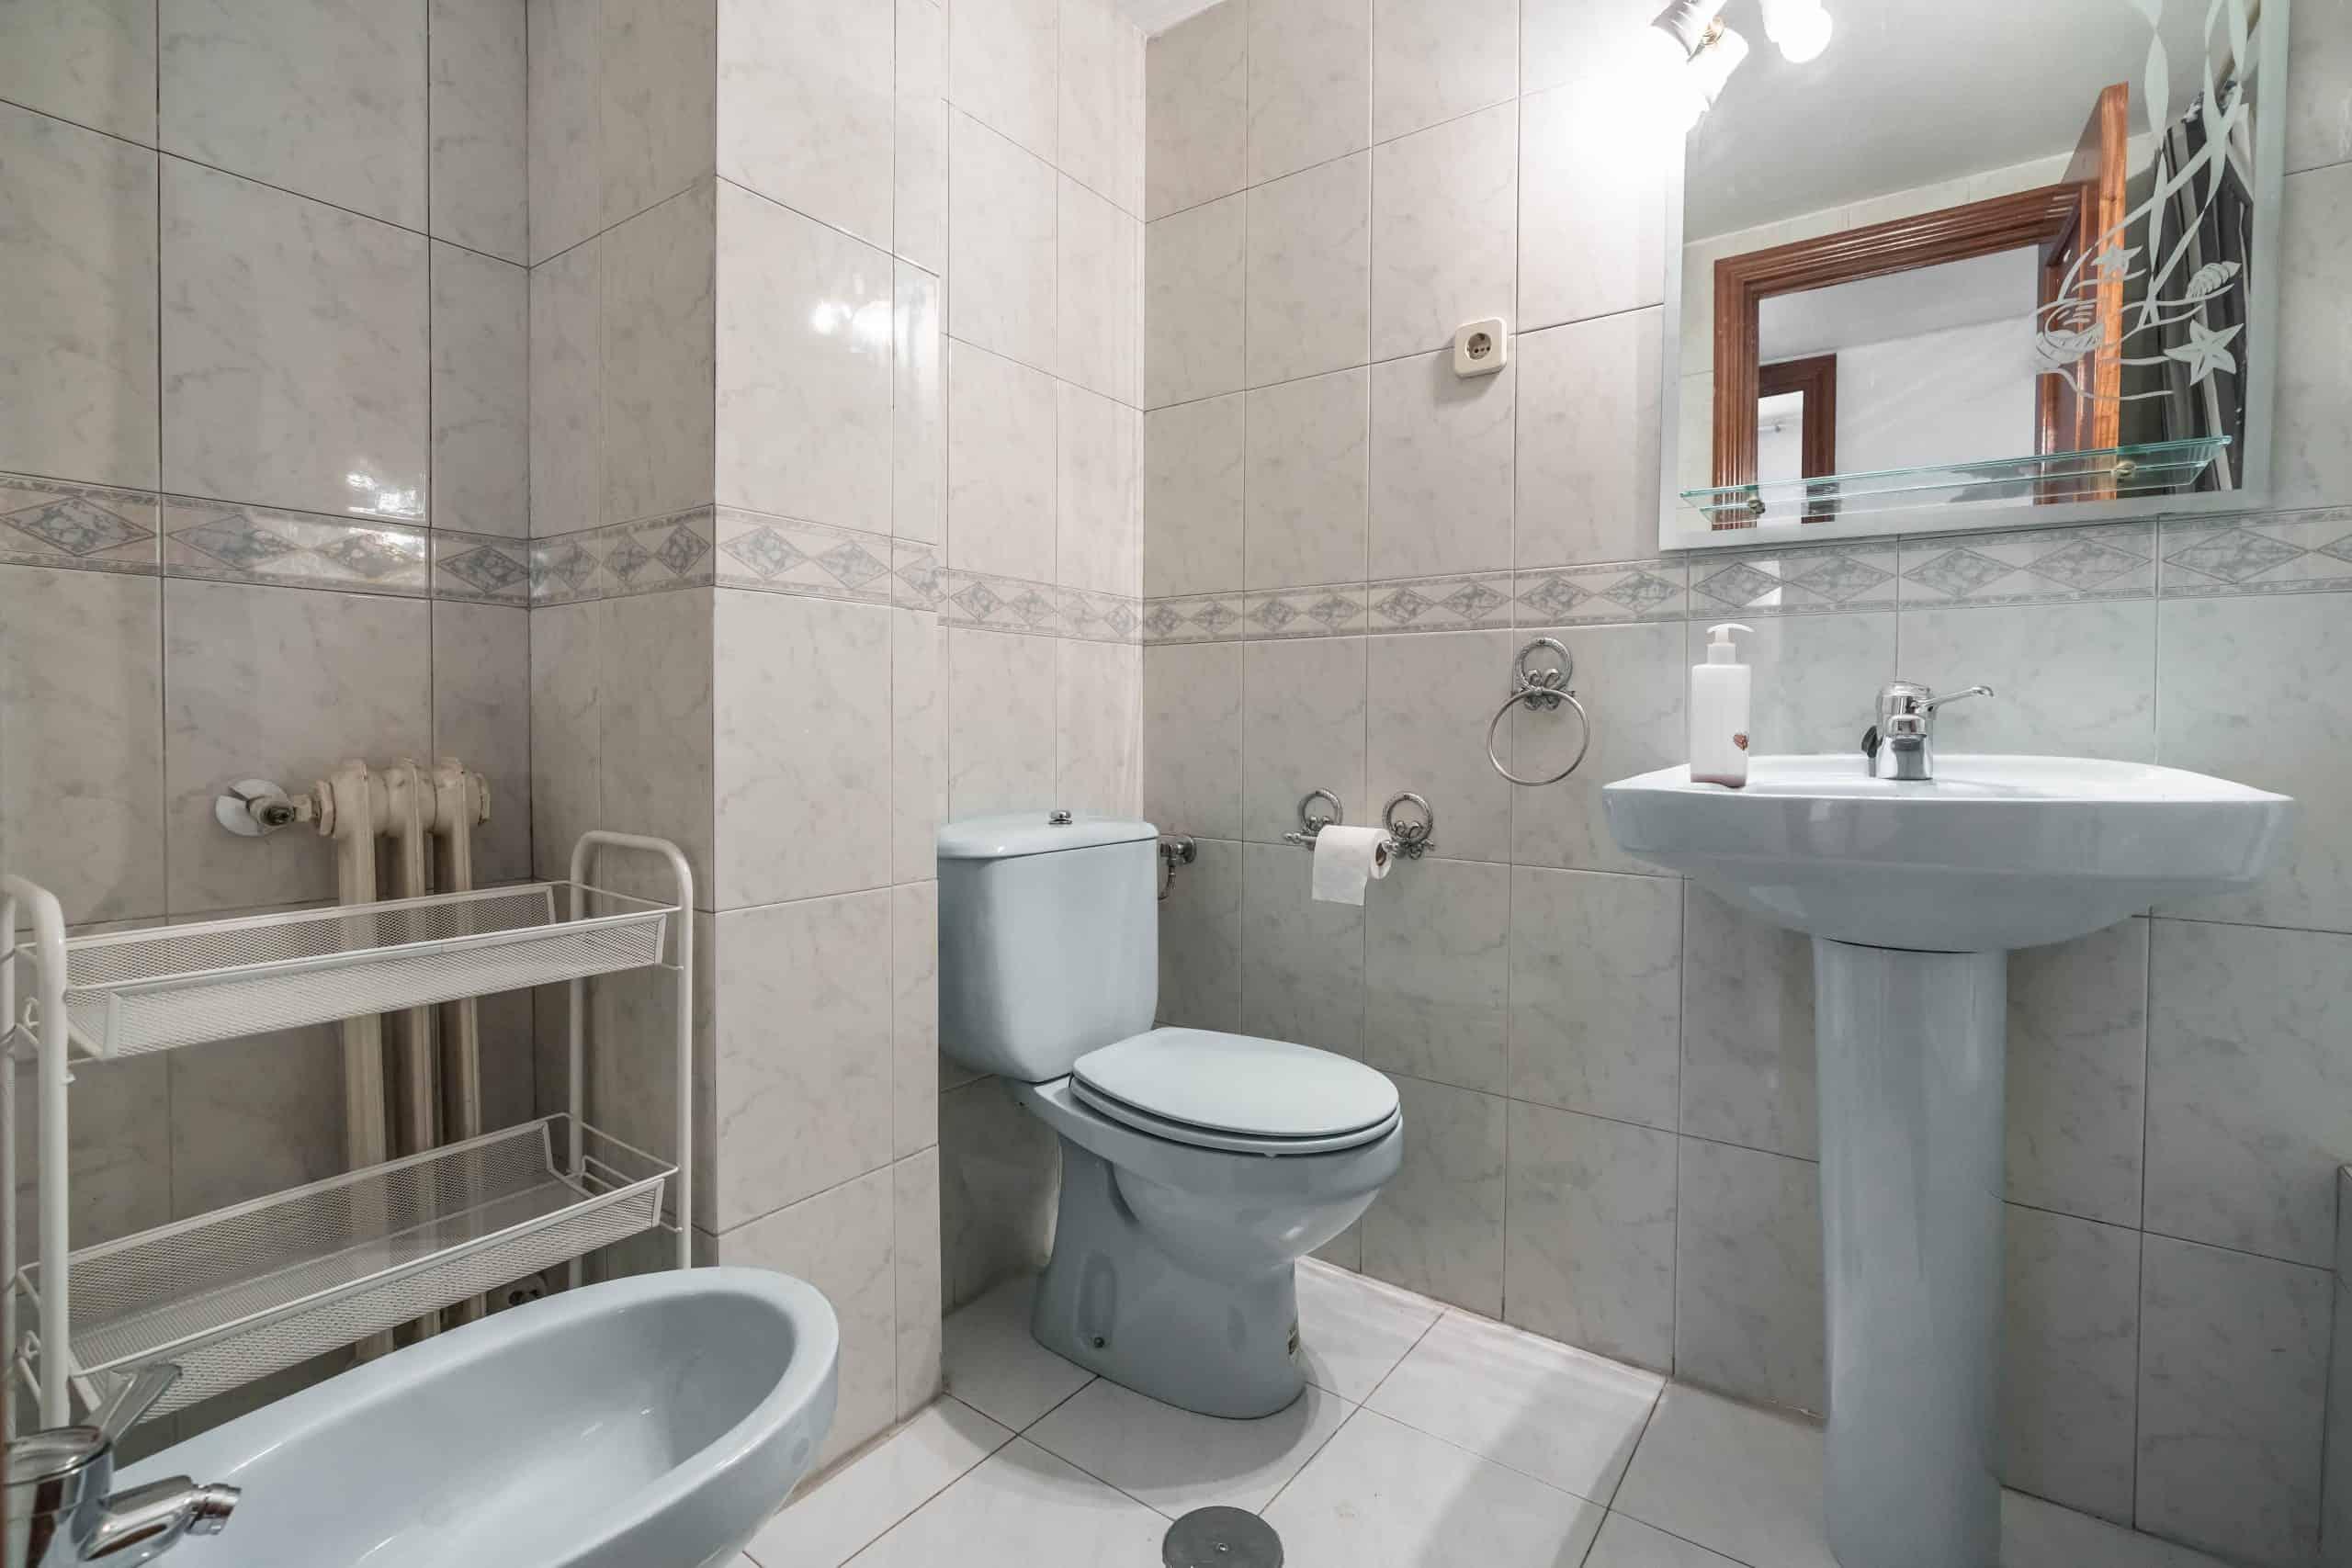 Agencia Inmobiliaria de Madrid-FUTUROCASA-Zona ARGANZUELA-LEGAZPI -calle Jaime Conquistador 48- Baño 1